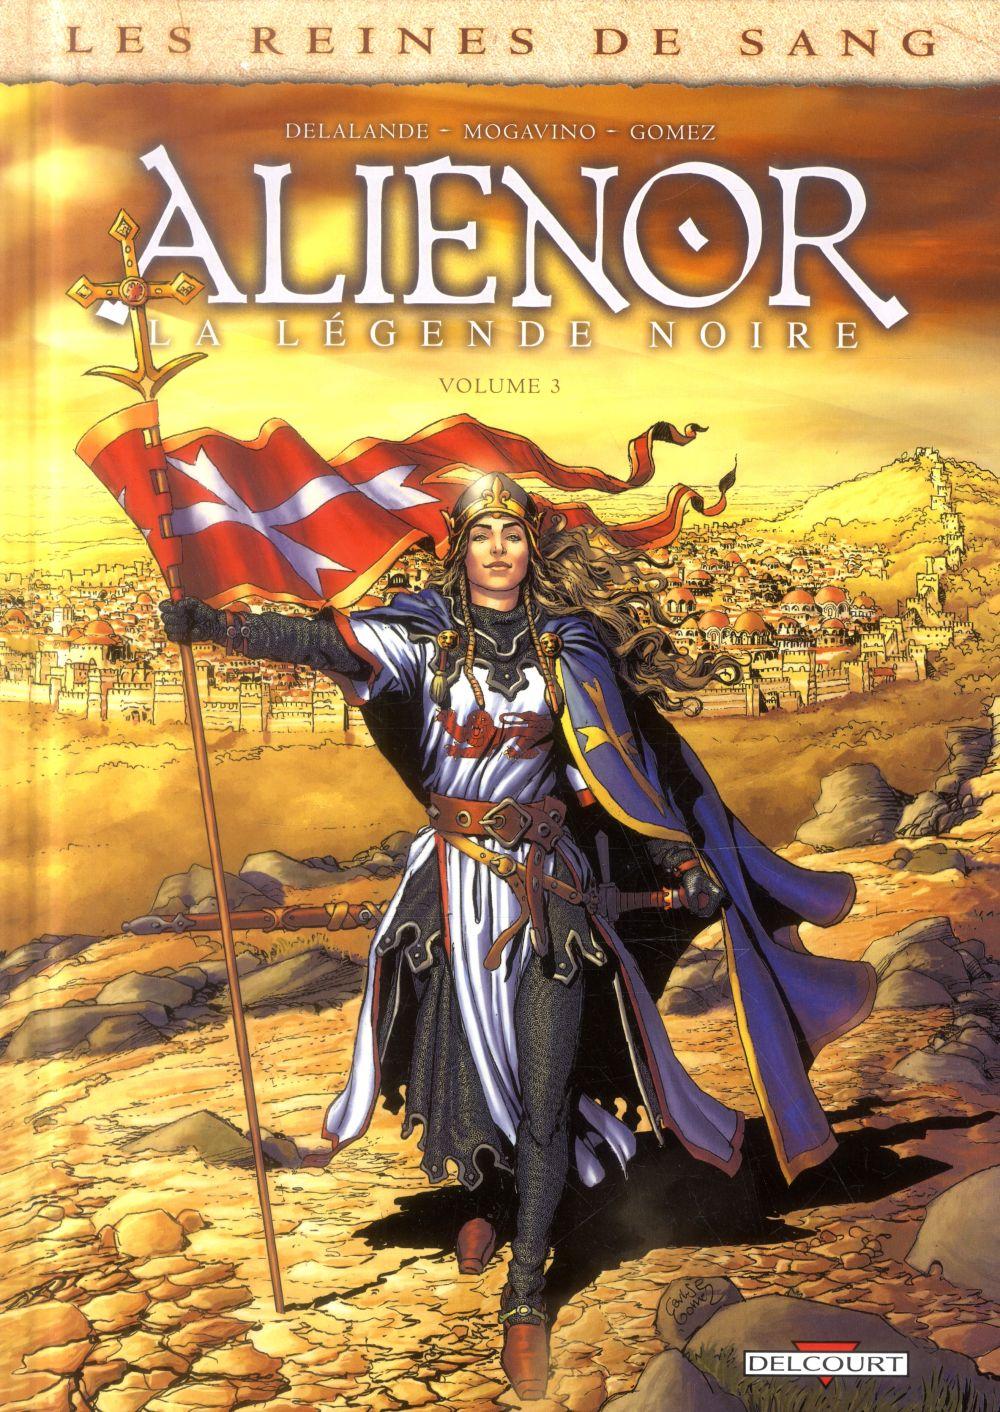 Les reines de sang - Aliénor, la légende noire T.3